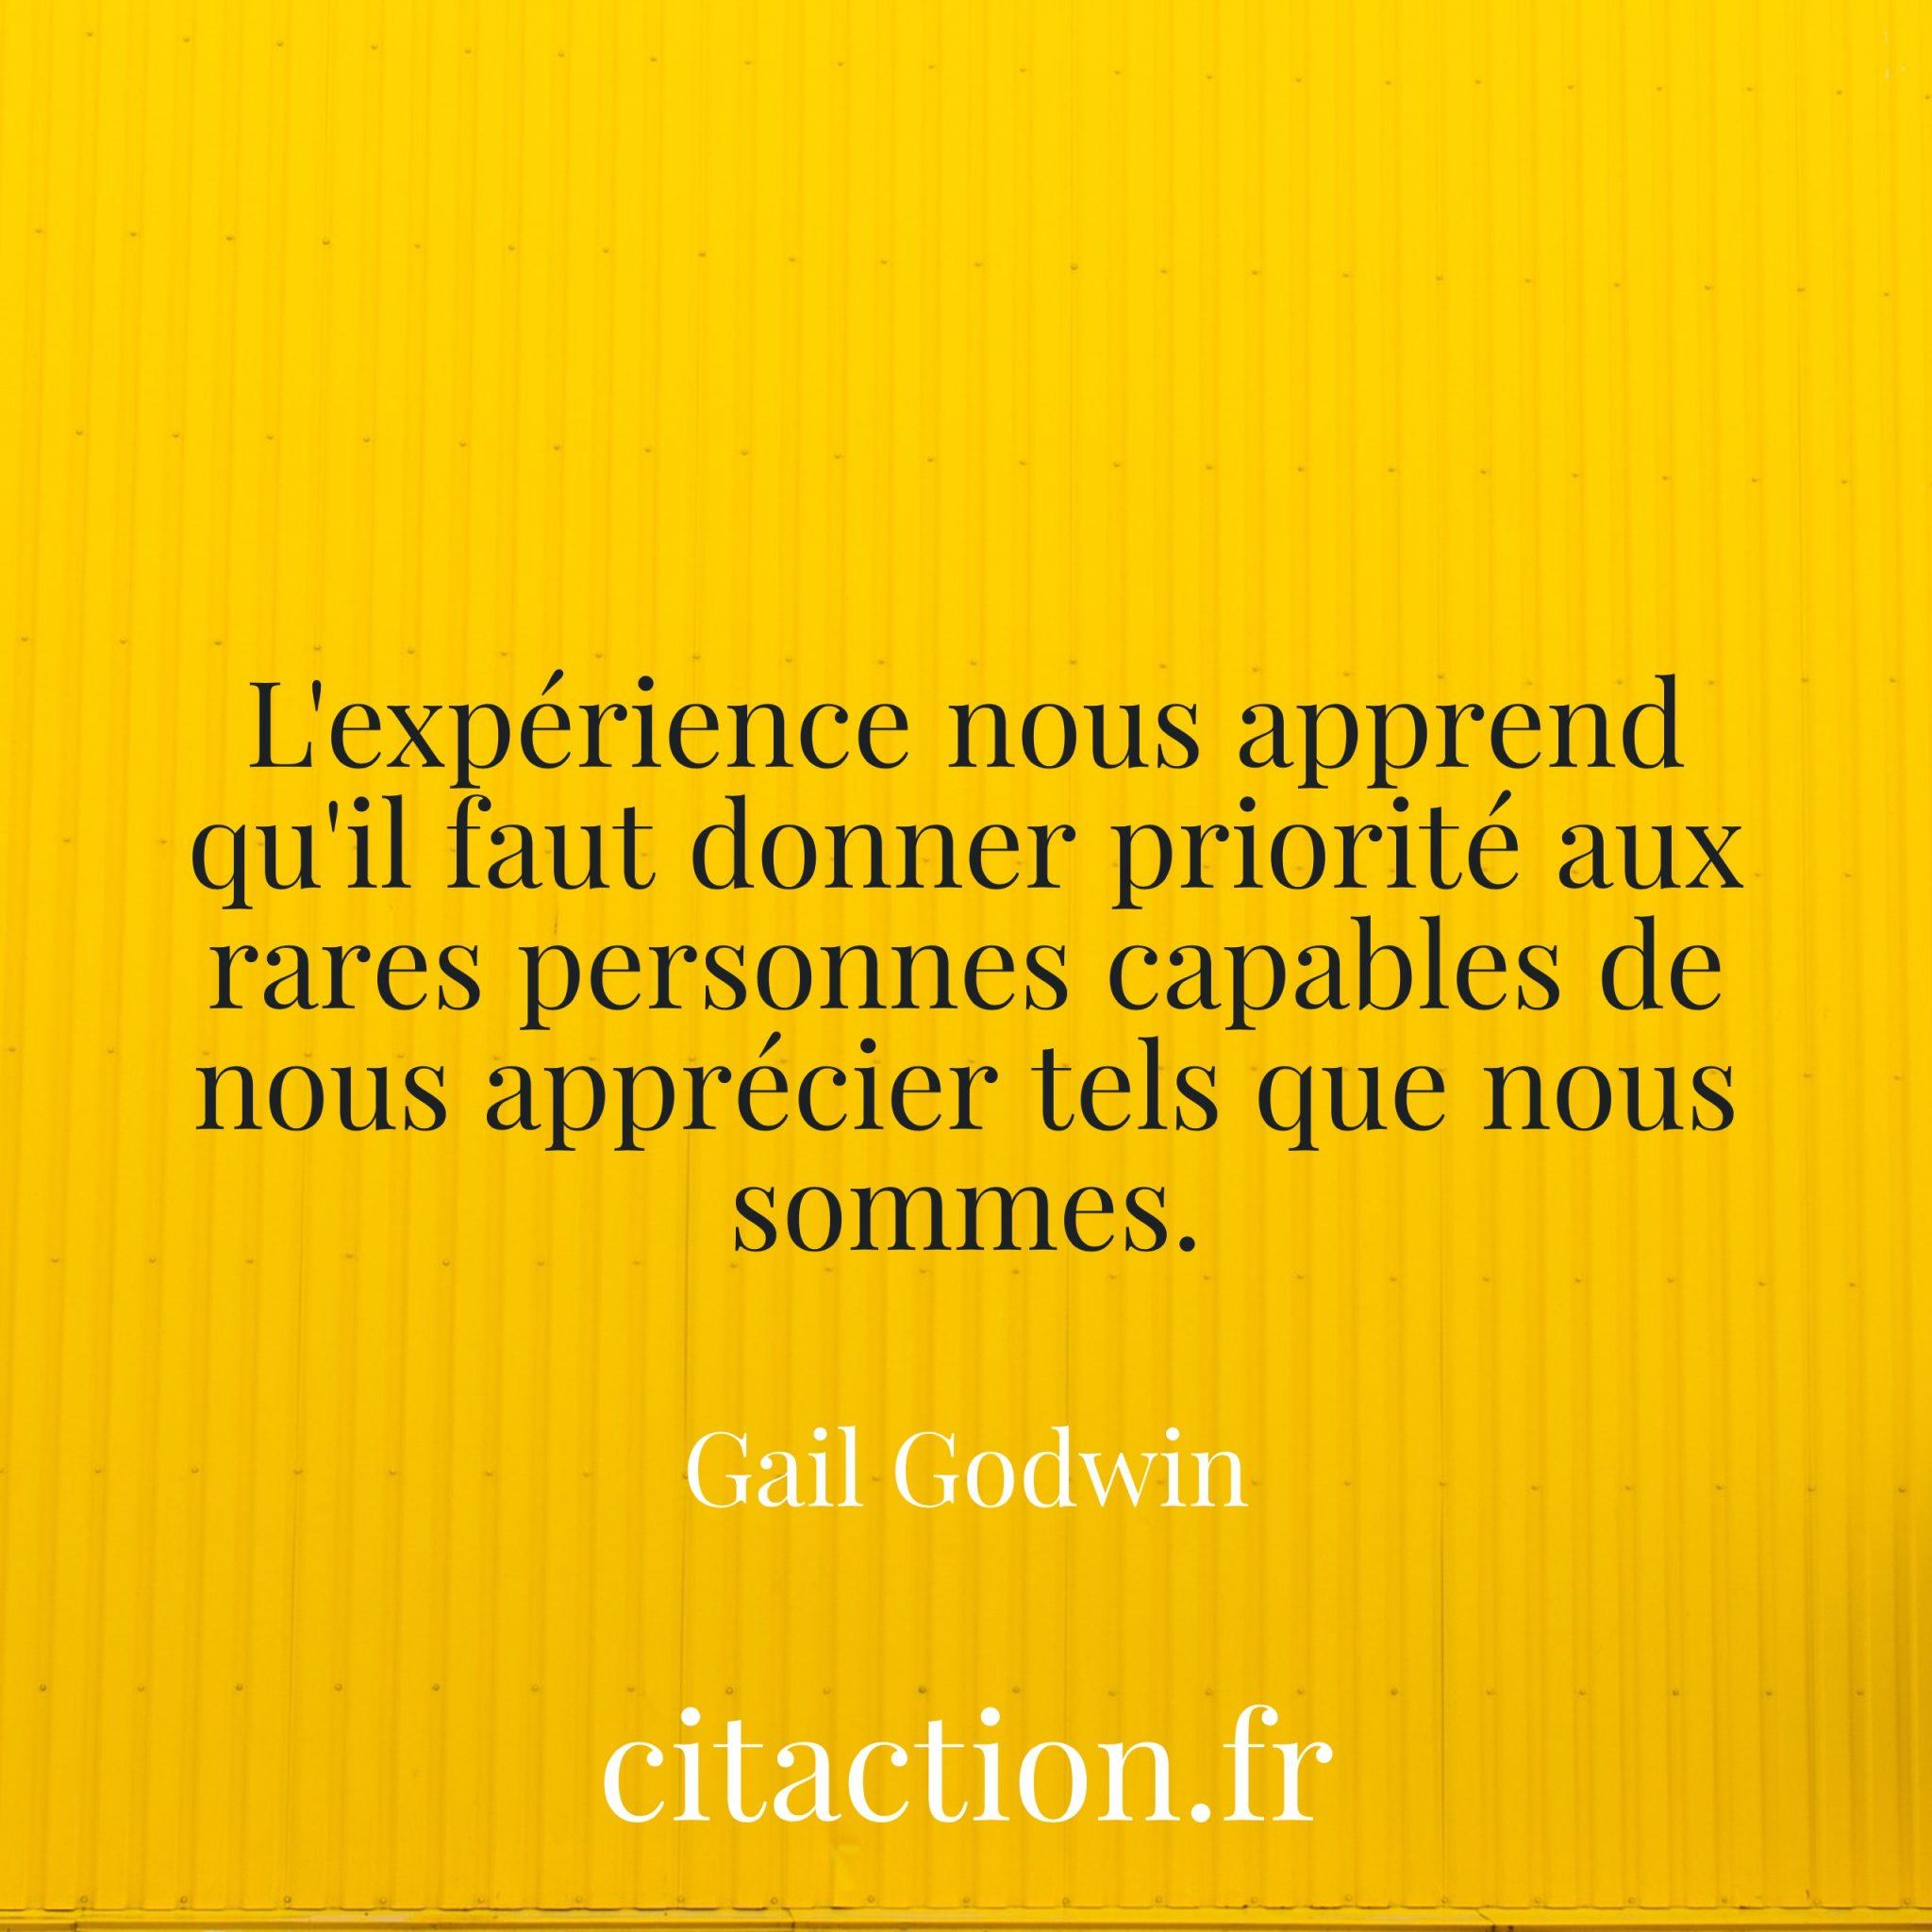 L'expérience nous apprend qu'il faut donner priorité aux rares personnes capables de nous apprécier tels que nous sommes